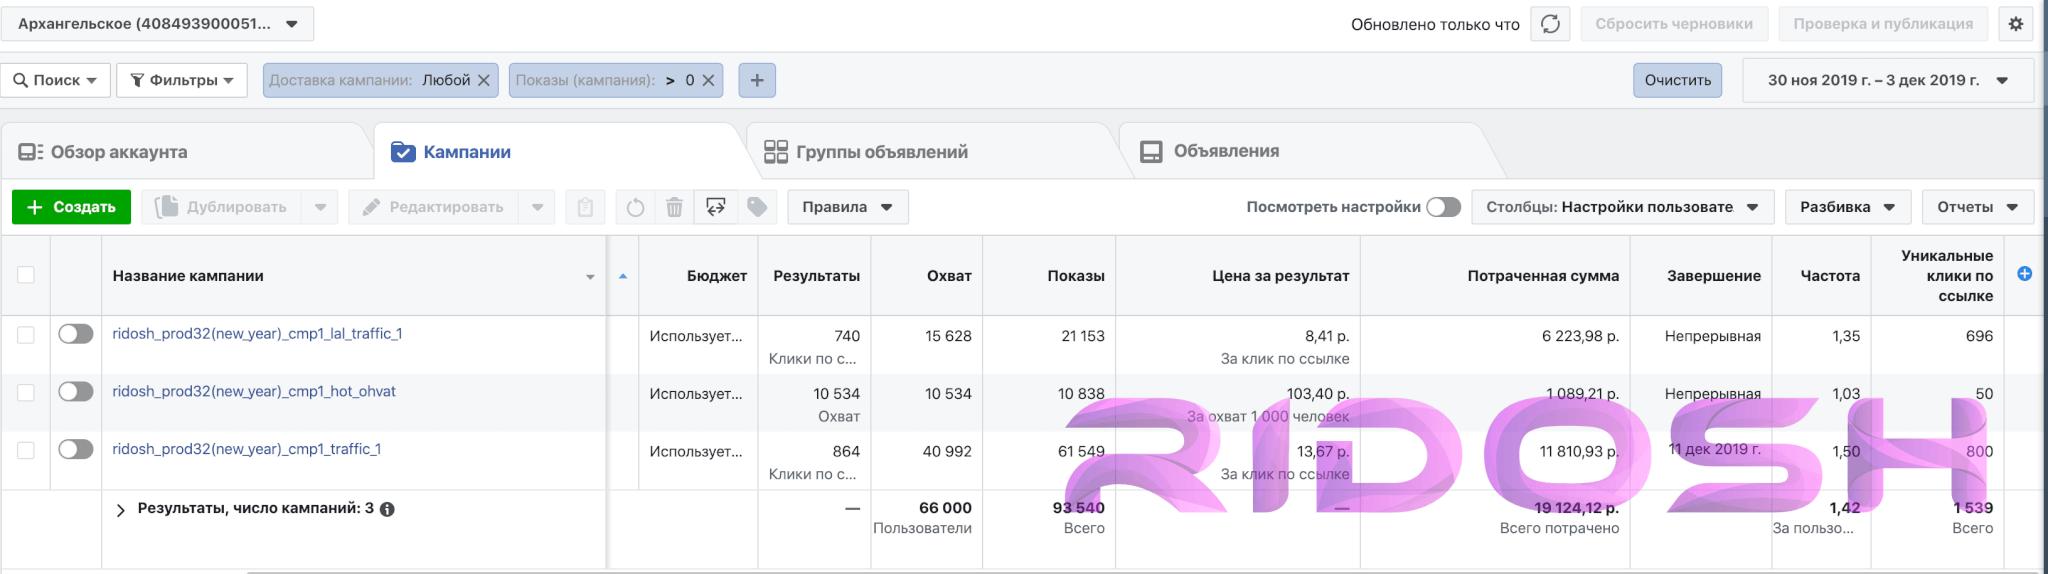 5.442.970р на новогоднем представлении в Усадьбе Архангельское